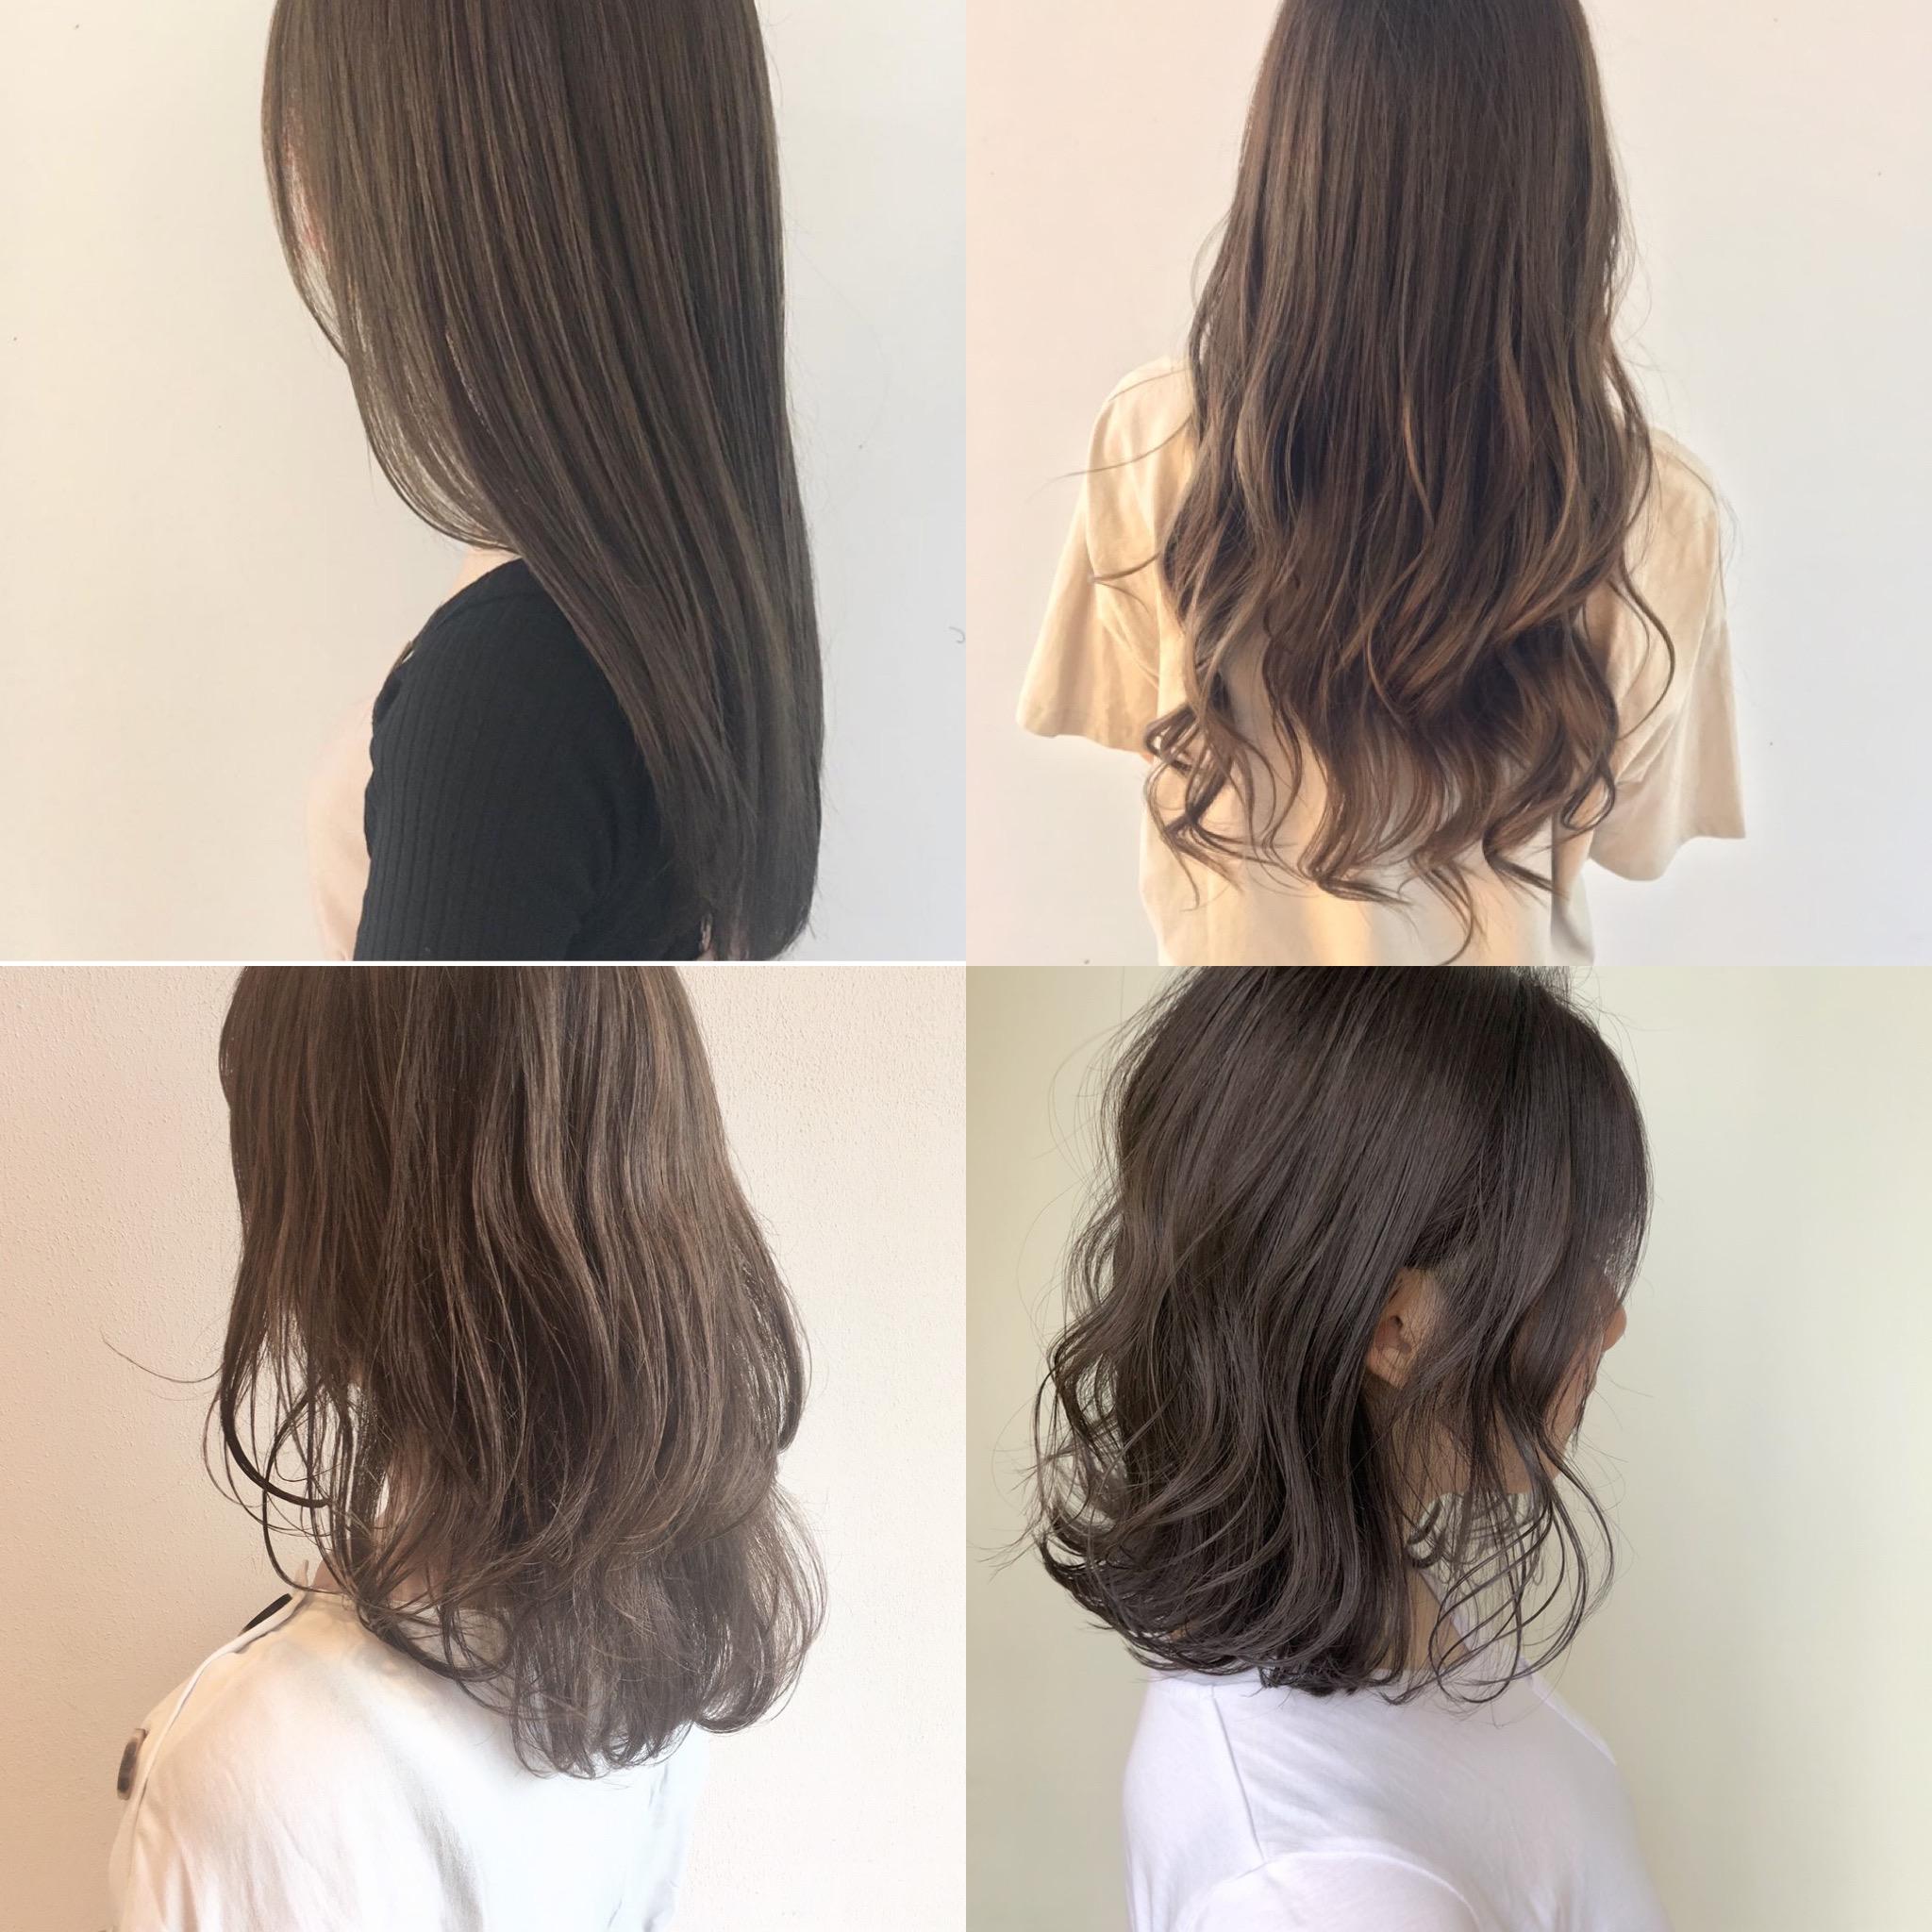 【2019年秋冬】人気のヘアカラー!自分にぴったりの髪色をみつけよう!!